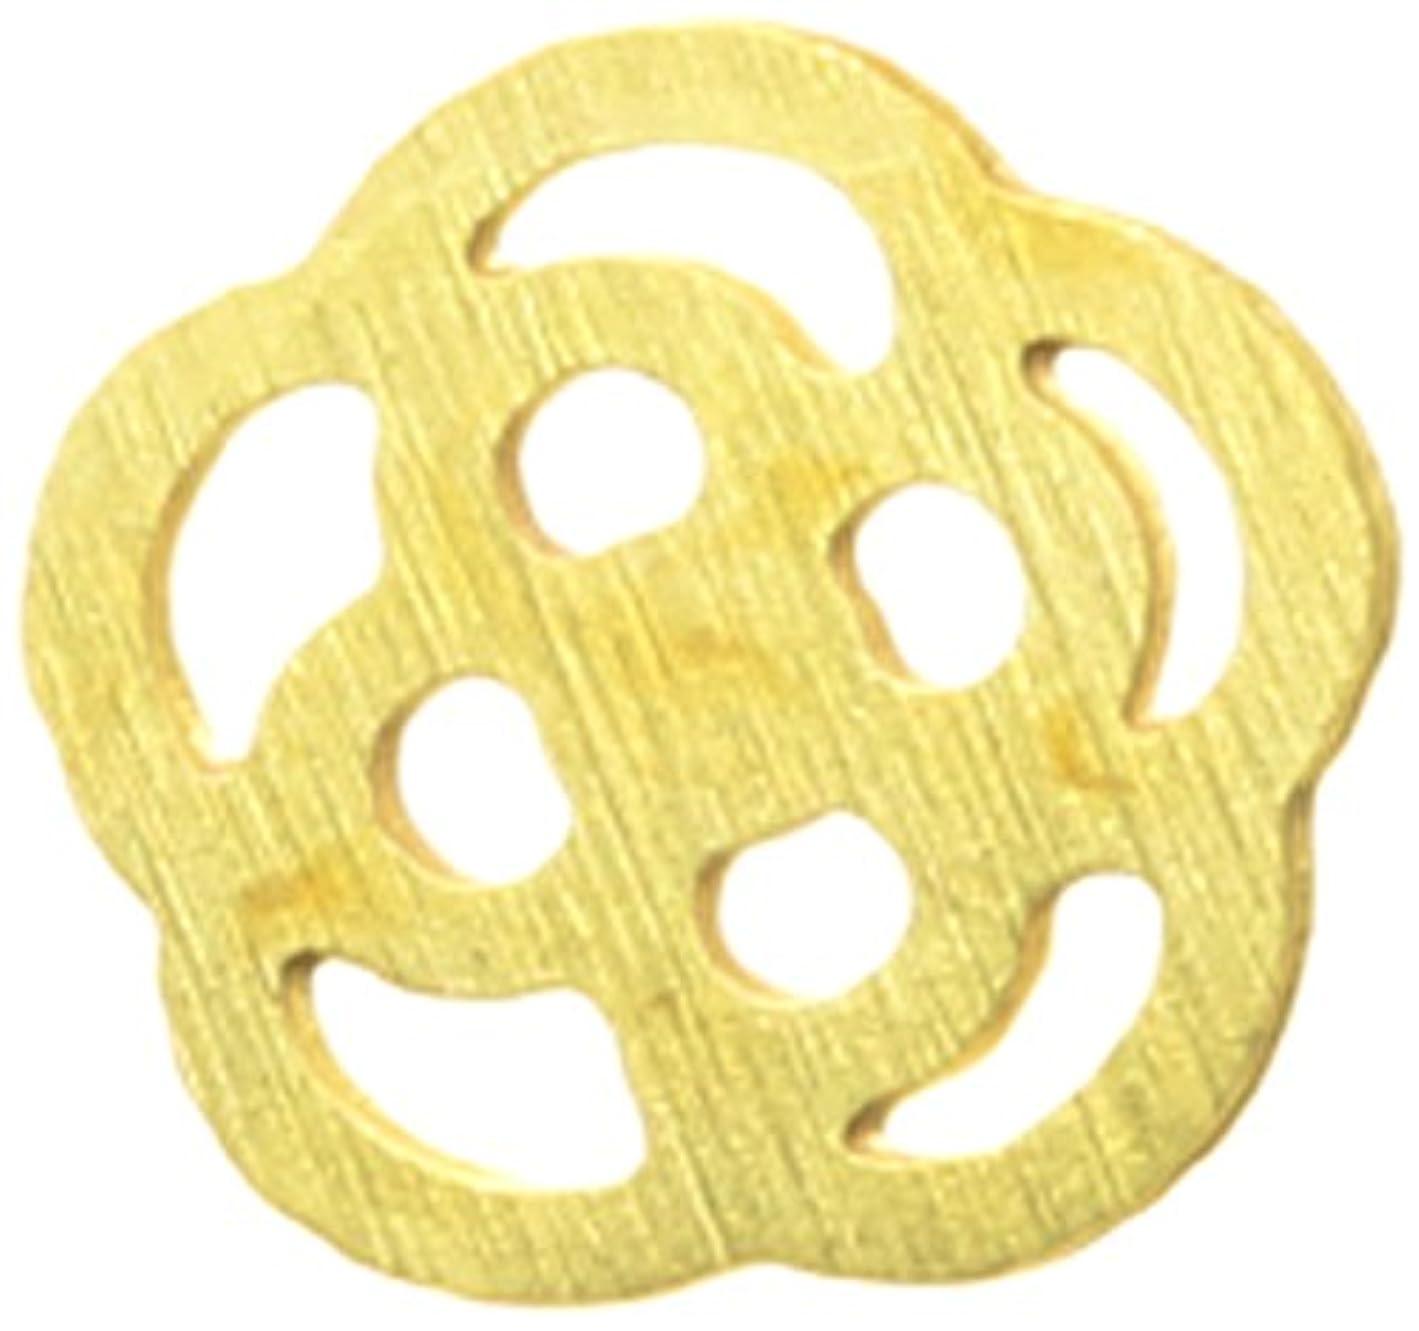 服簡単に艶メタルプレート(ネイルストーン デコ) カメリア(30個入り) ゴールド(ネイル用品)